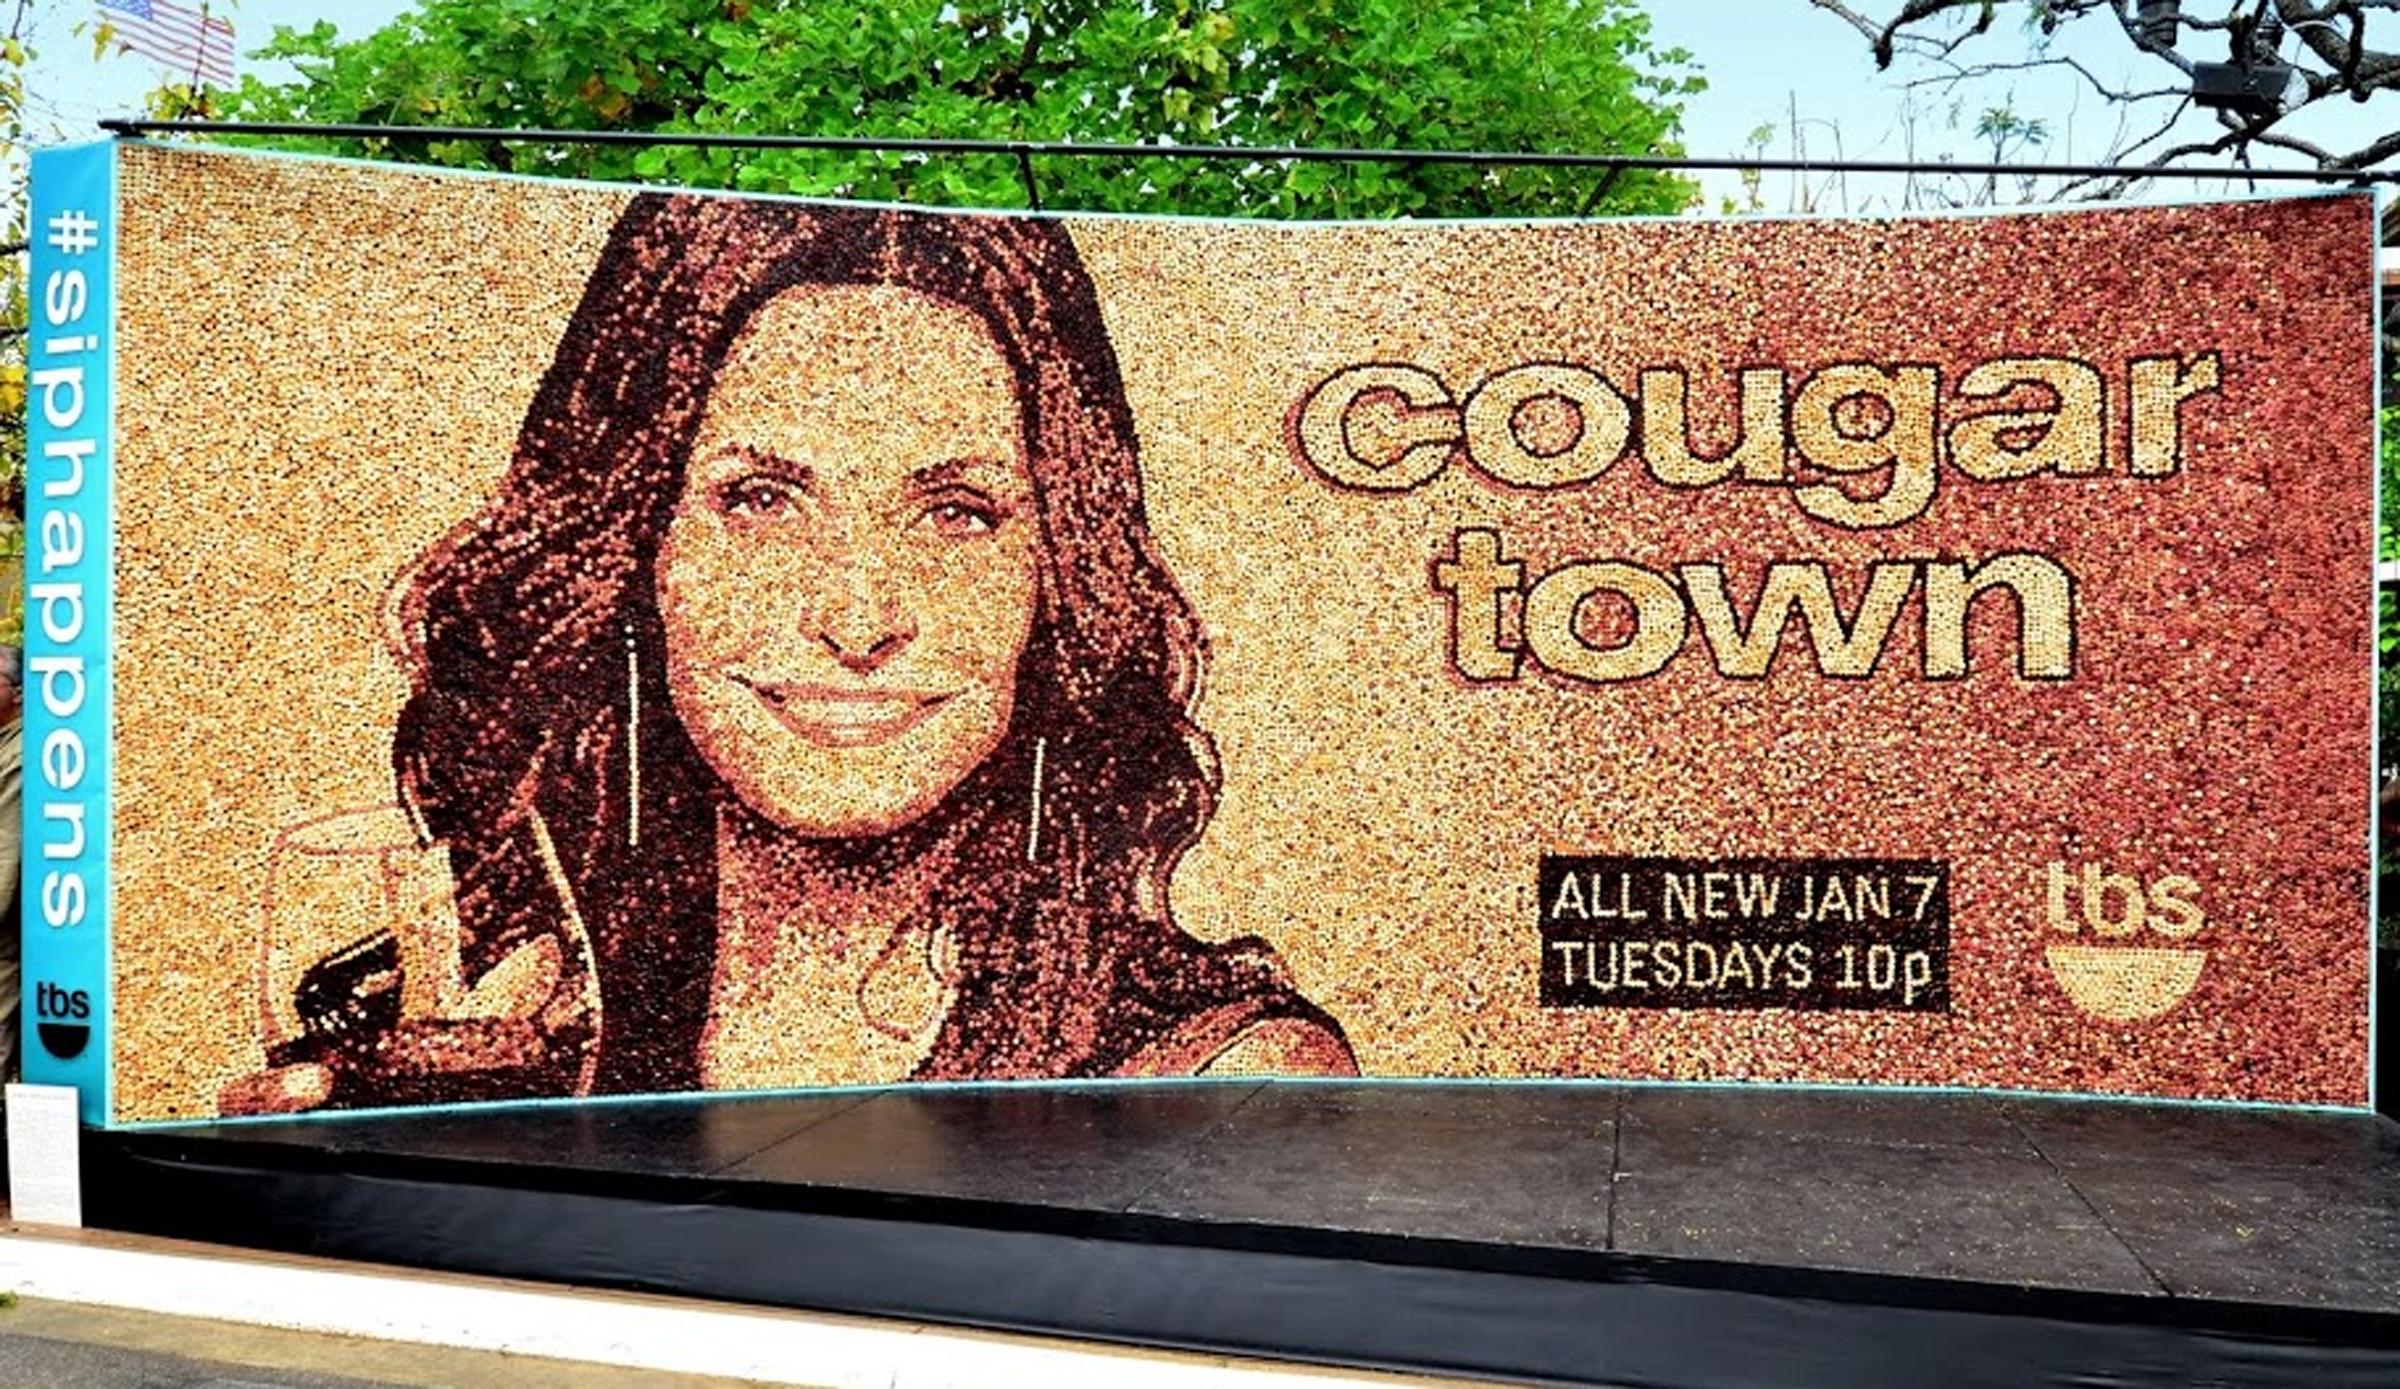 cougar town.jpg